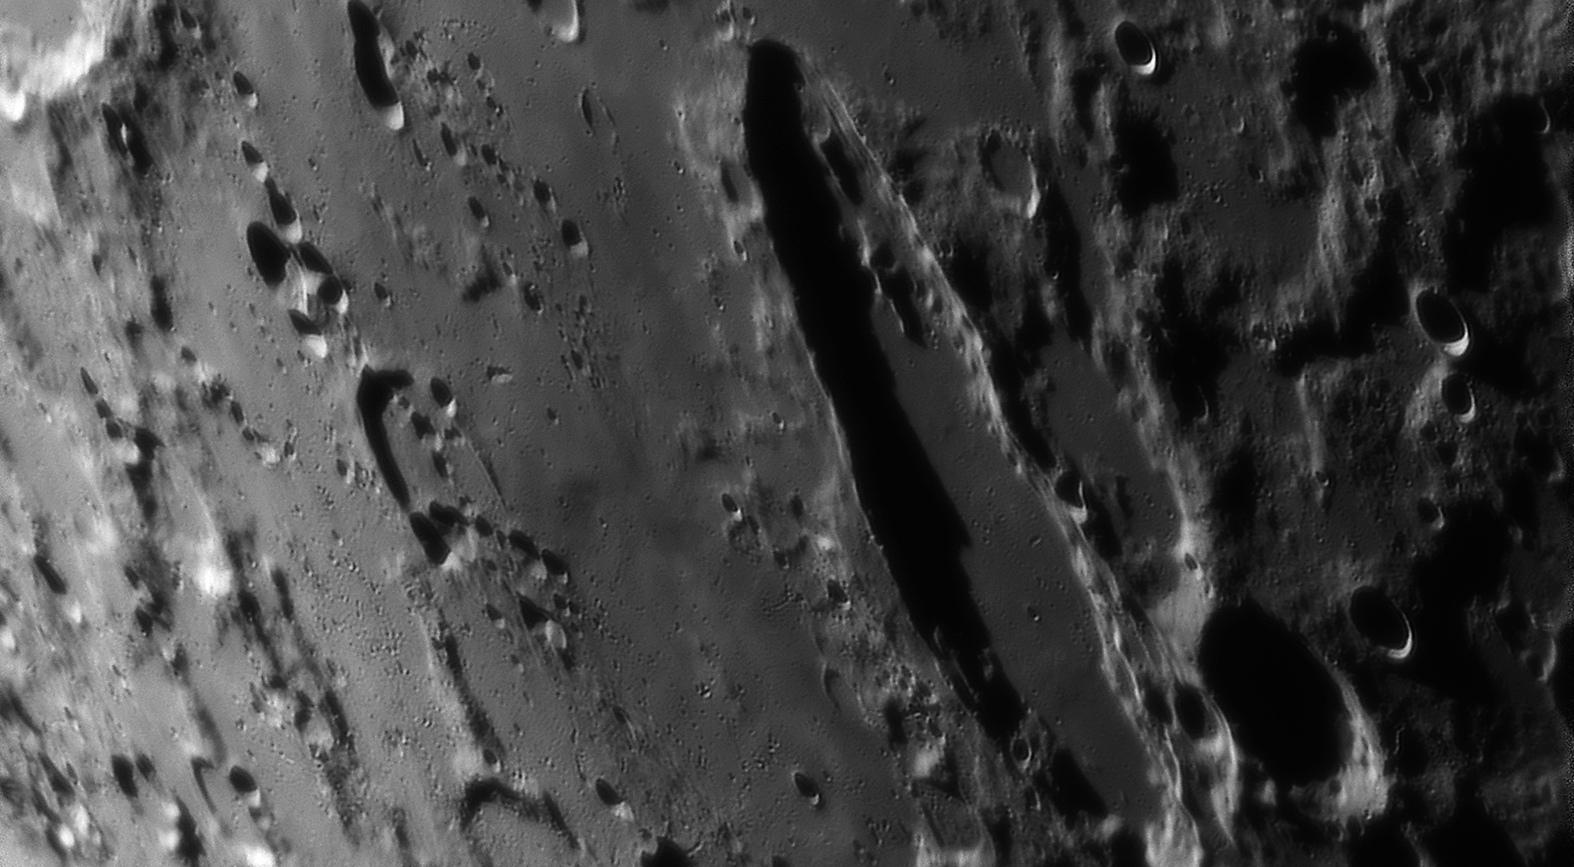 large.moon_25_08_2019_SCHILLER_Re.jpg.c992a03c2a47cd32d4185e5f90bc476e.jpg